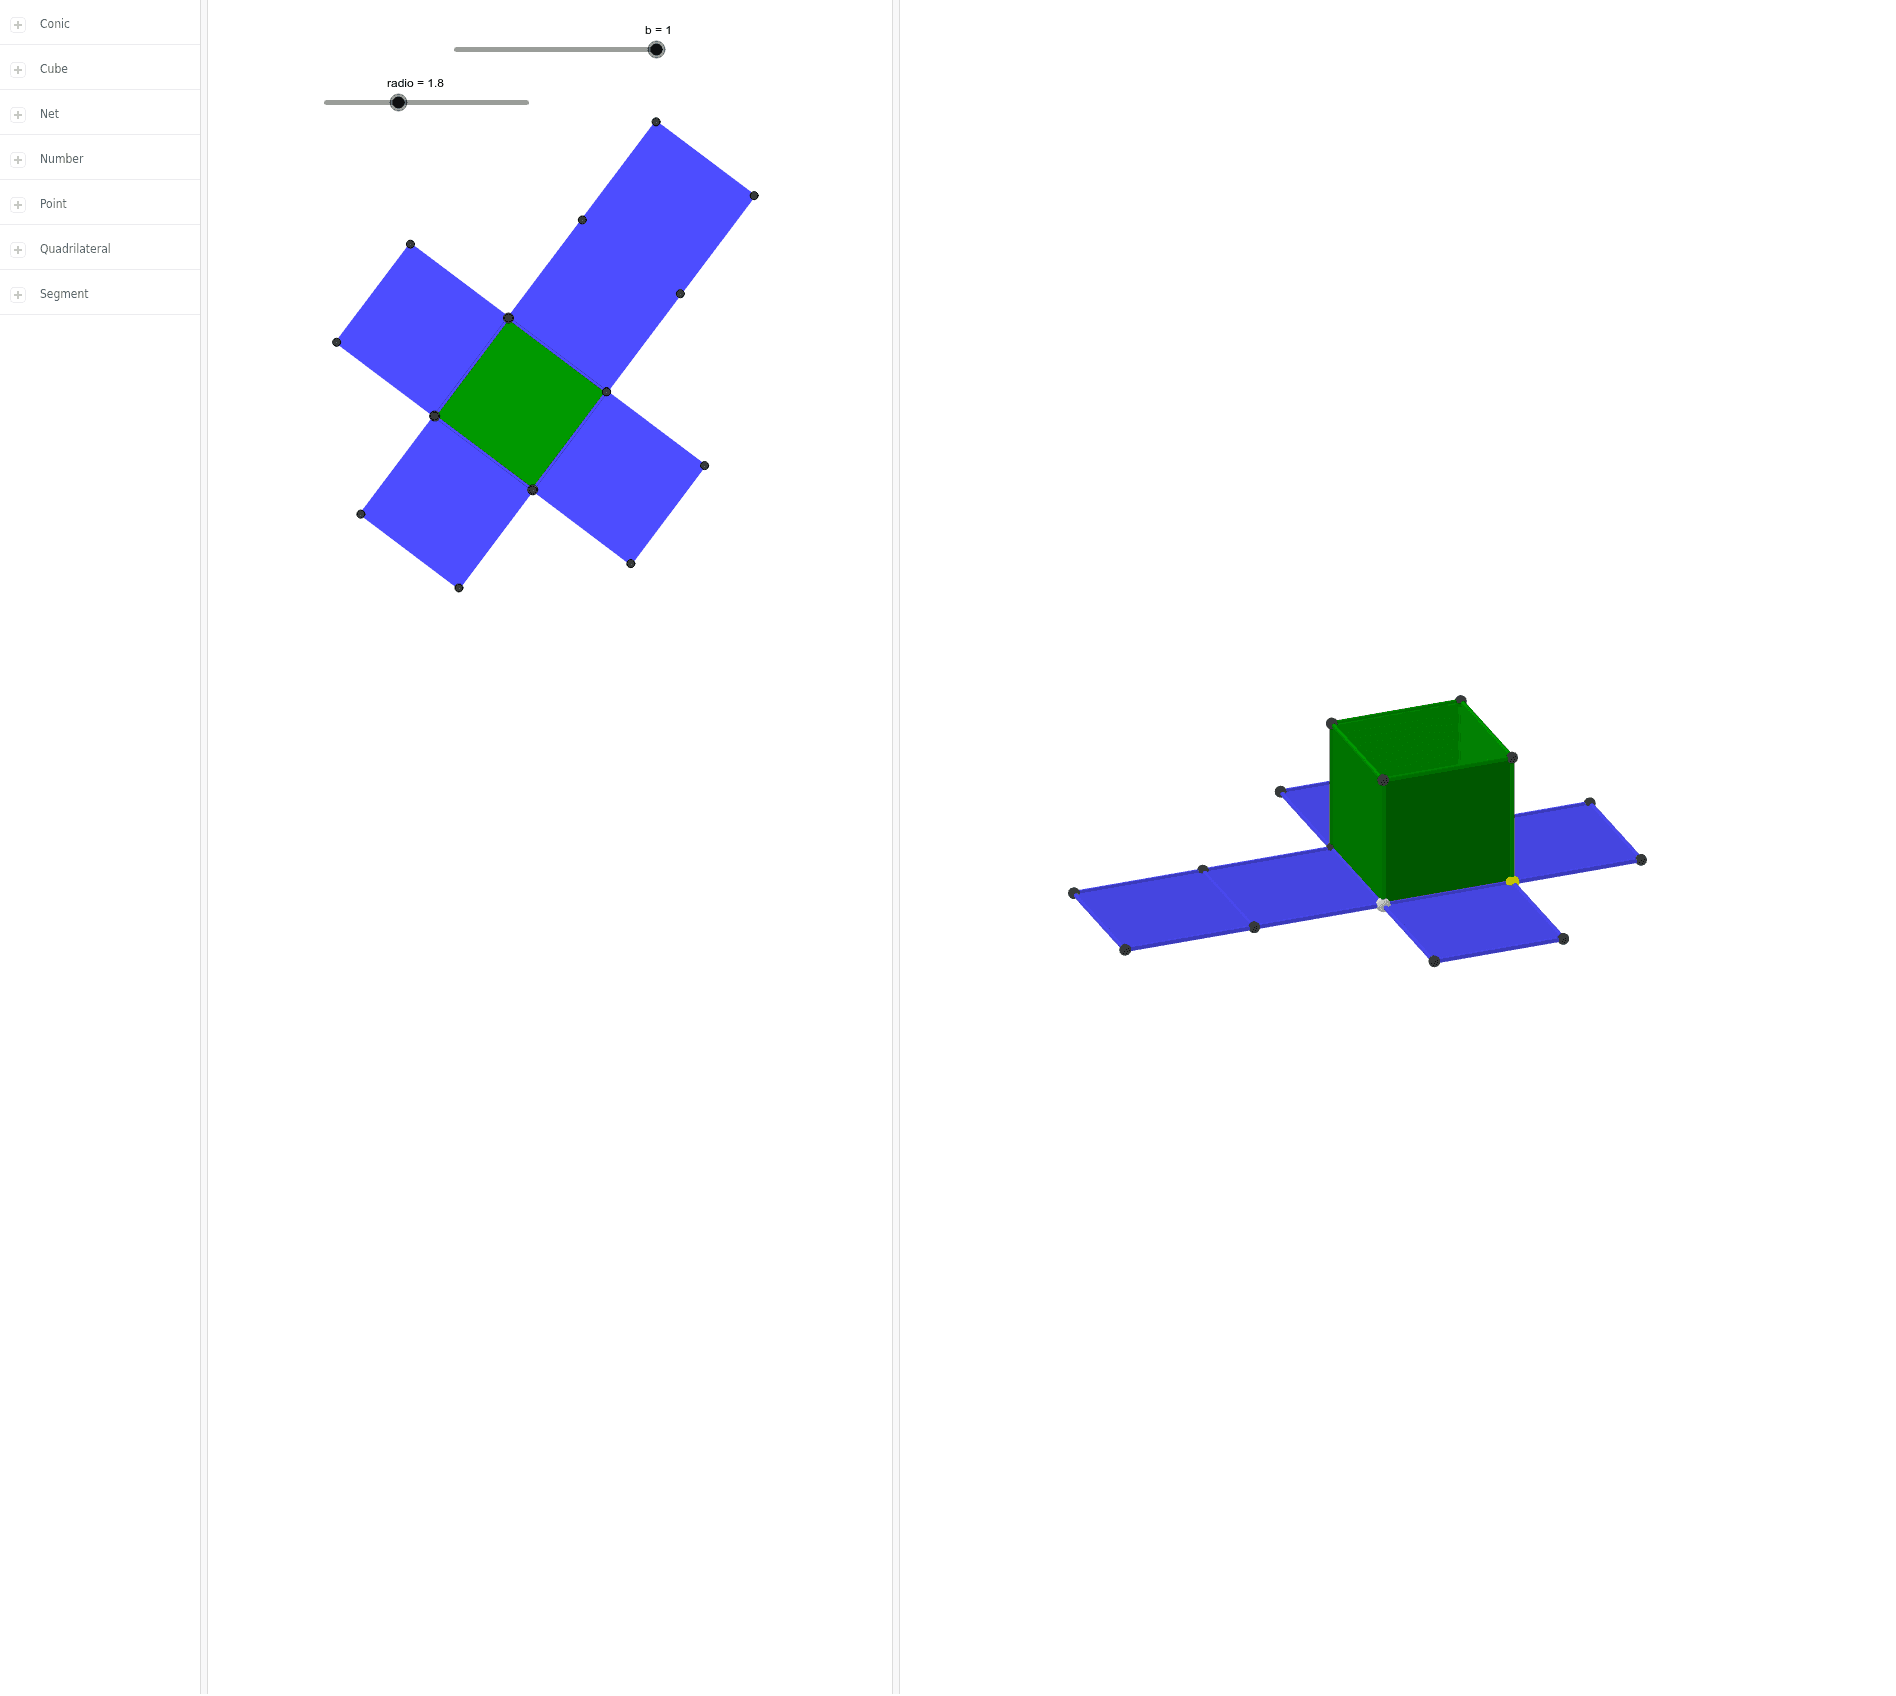 Cambie los deslizadores, además los puntos de color blanco, amarillo y celeste. Observe lo que ocurre con el cubo.